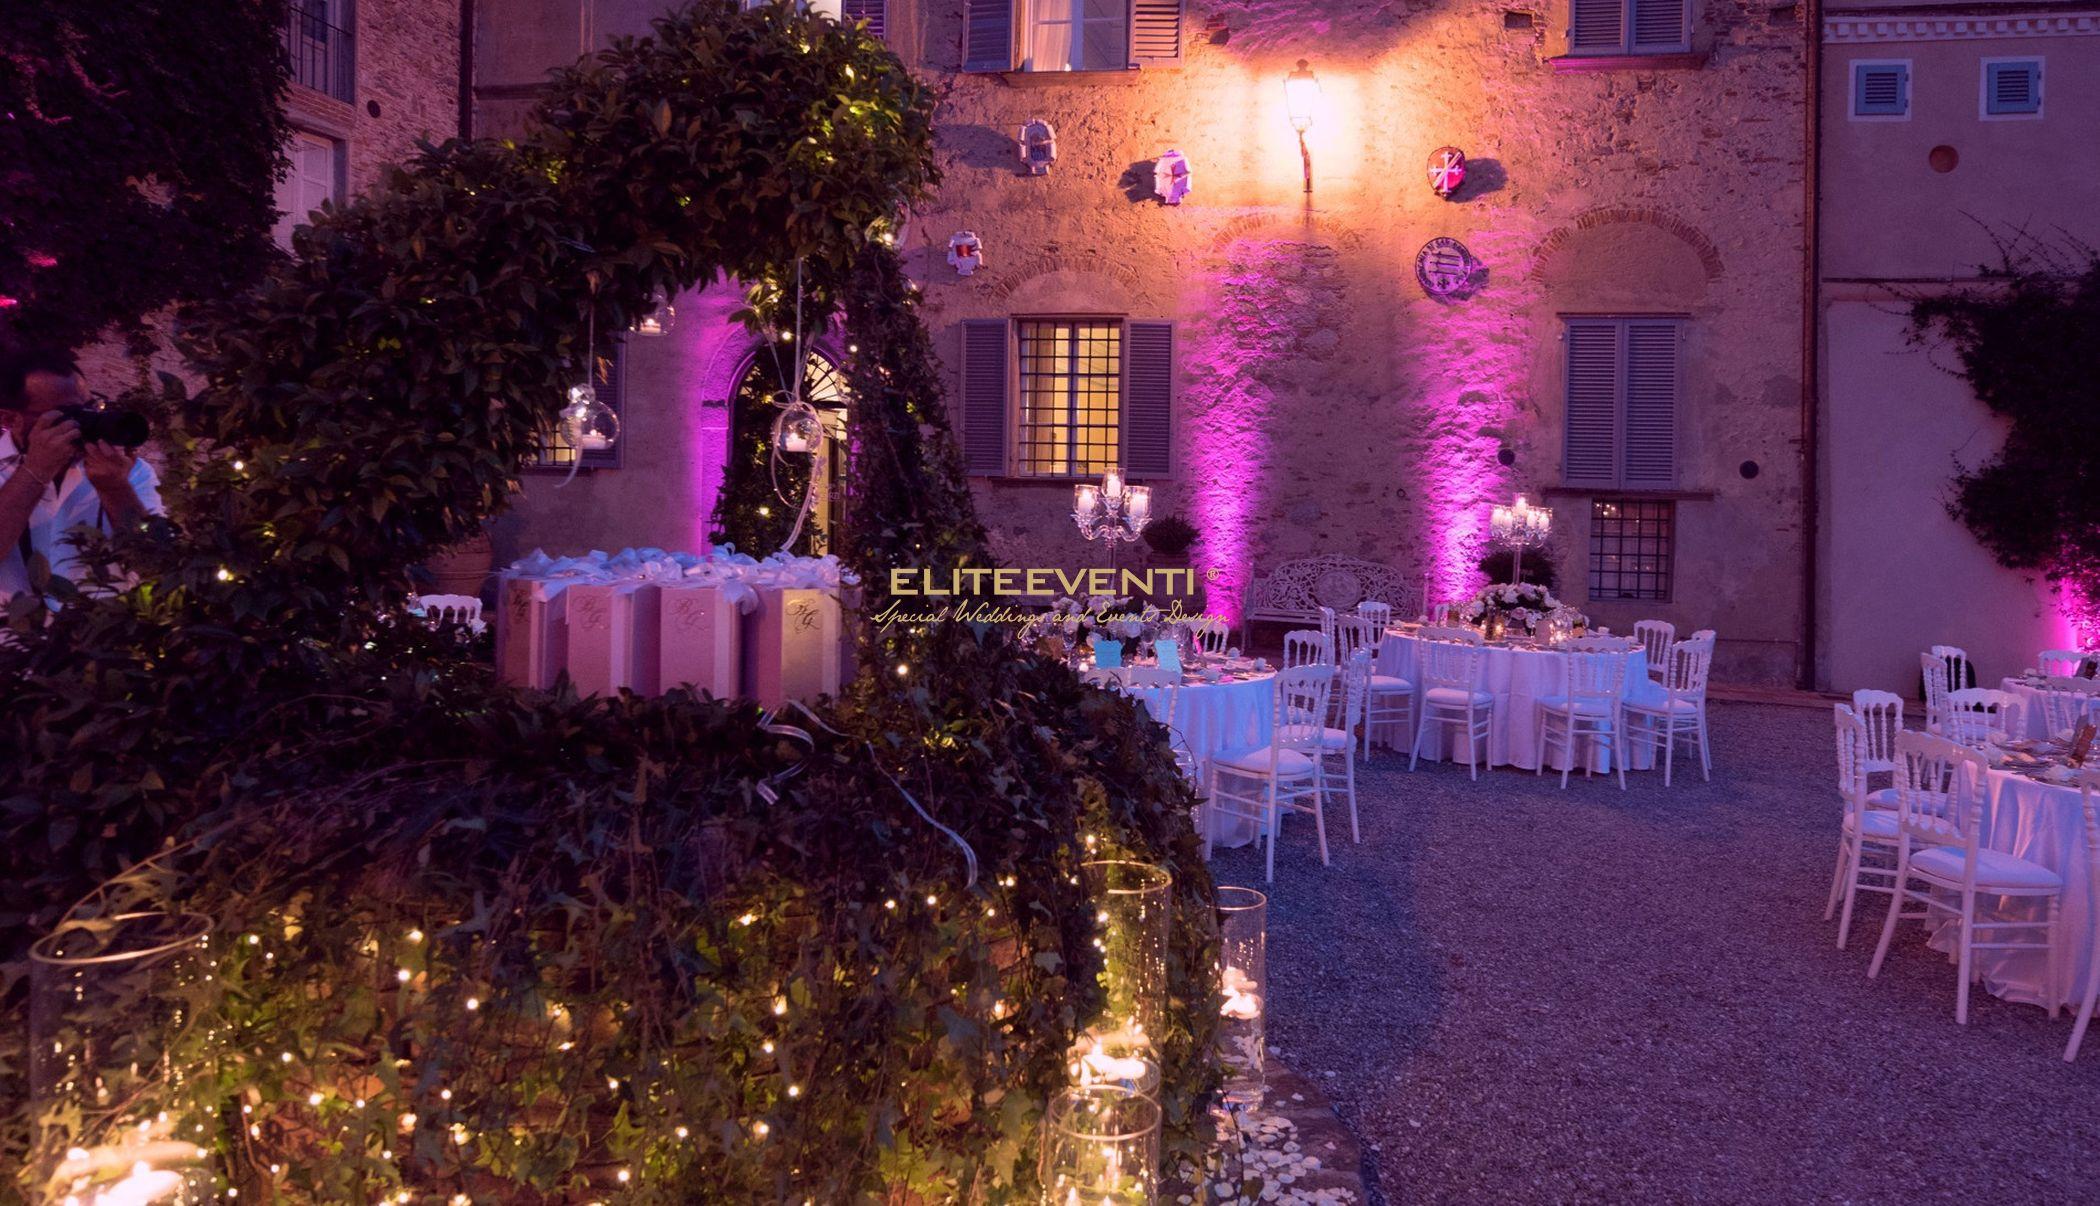 Luci a Villa Scorzi by Eliteeventi